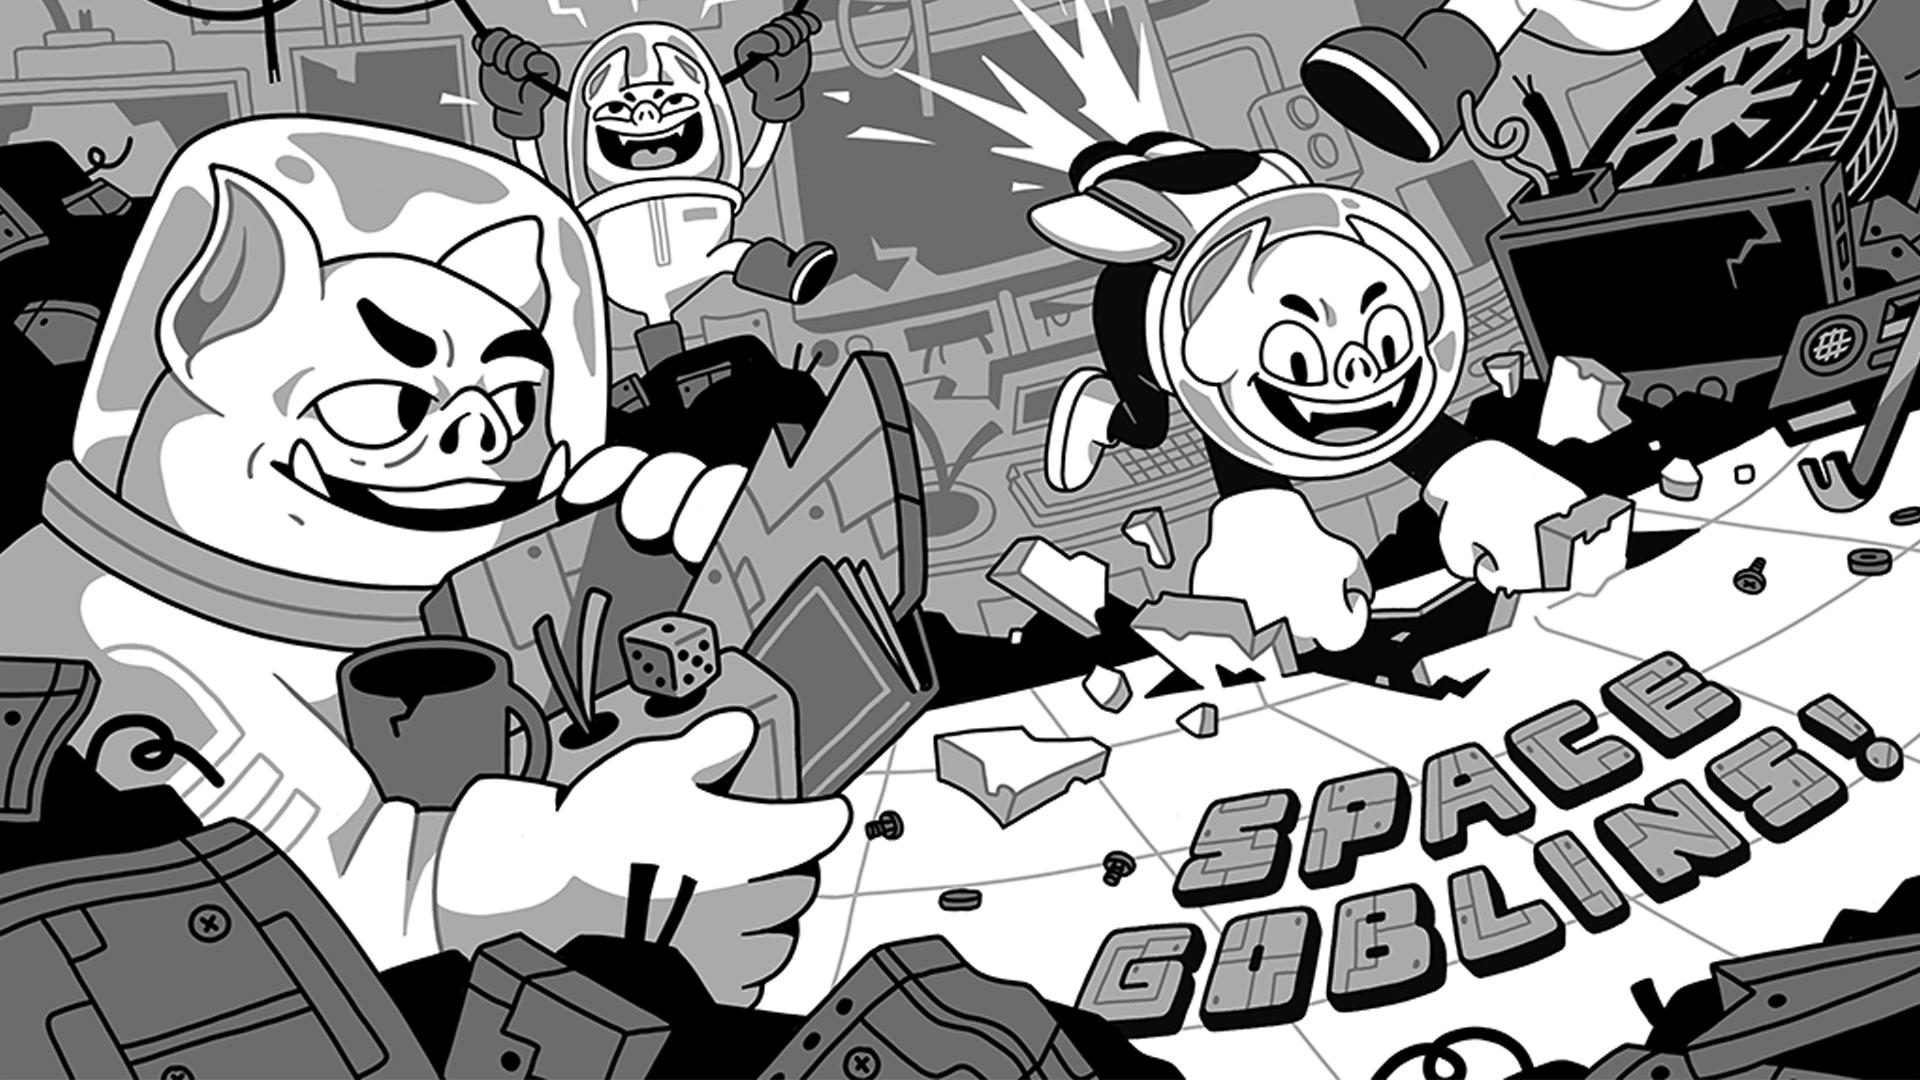 space-goblins-tabletop-rpg.png